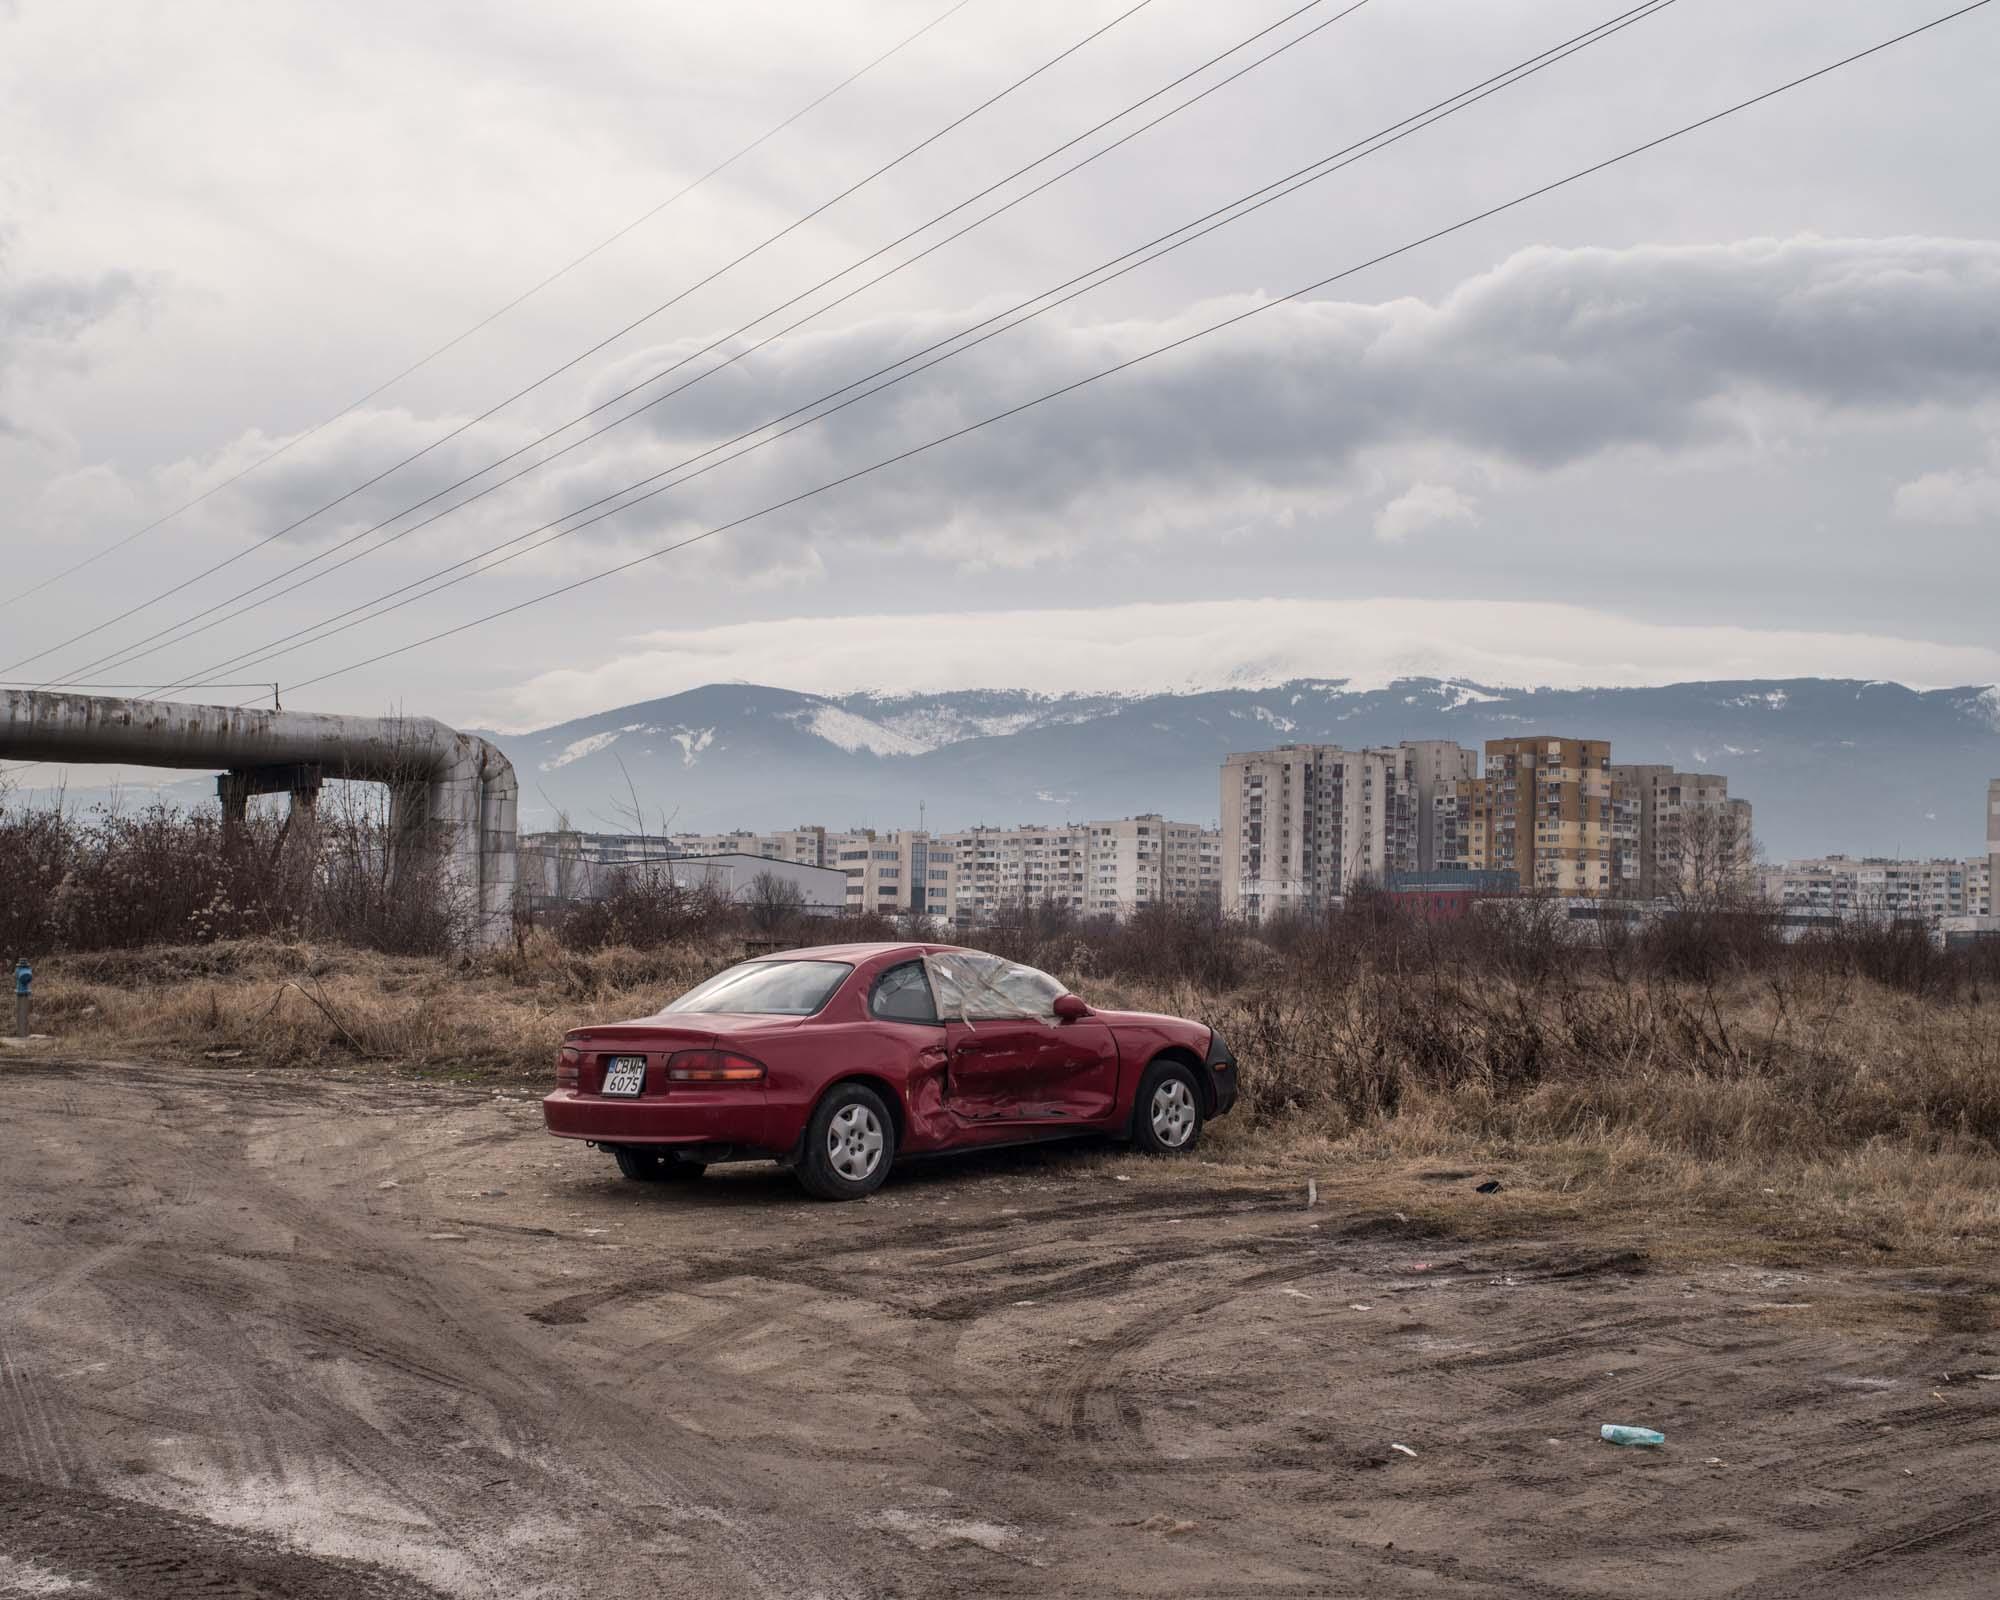 Φωτογραφία του Γιάννη Αντωνόπουλου, νικητή του Βραβείου Athens Photo World 2019, από την δουλειά «South East of Eden»